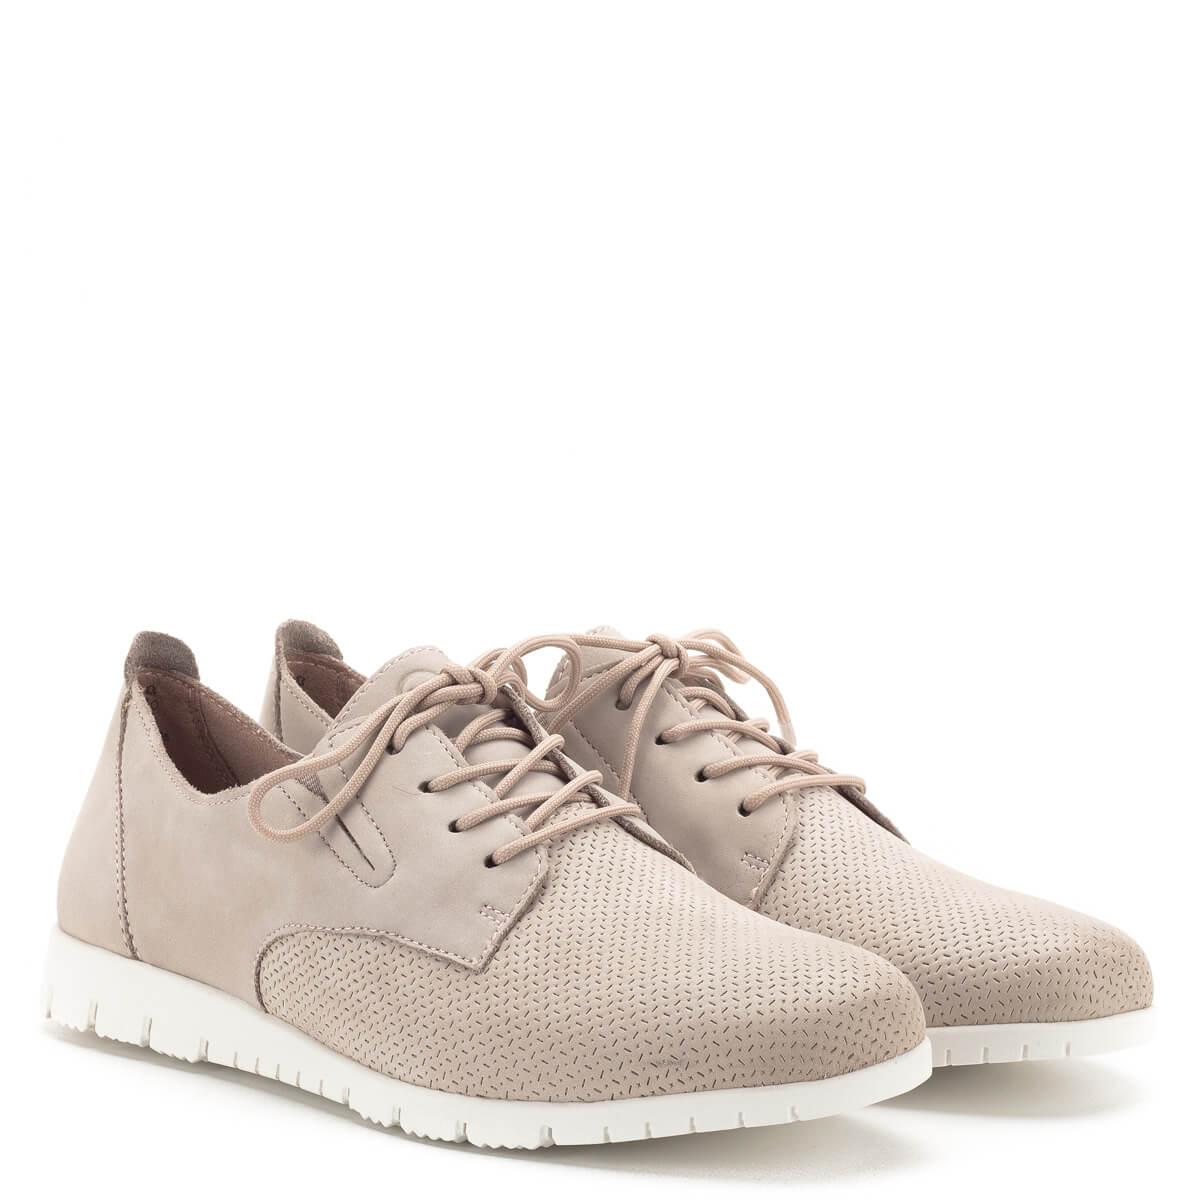 1df66aac0717 ... Tamaris cipő púder rózsaszín színben, kivehető talpbéléssel. A cipő  nagyon puha nubuk bőrből készült ...